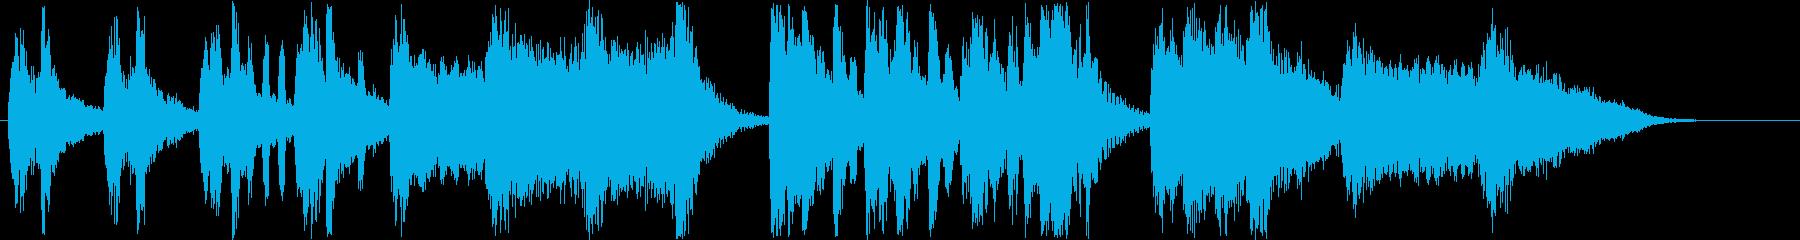 メルヘンなシンセなどの短めサウンドの再生済みの波形